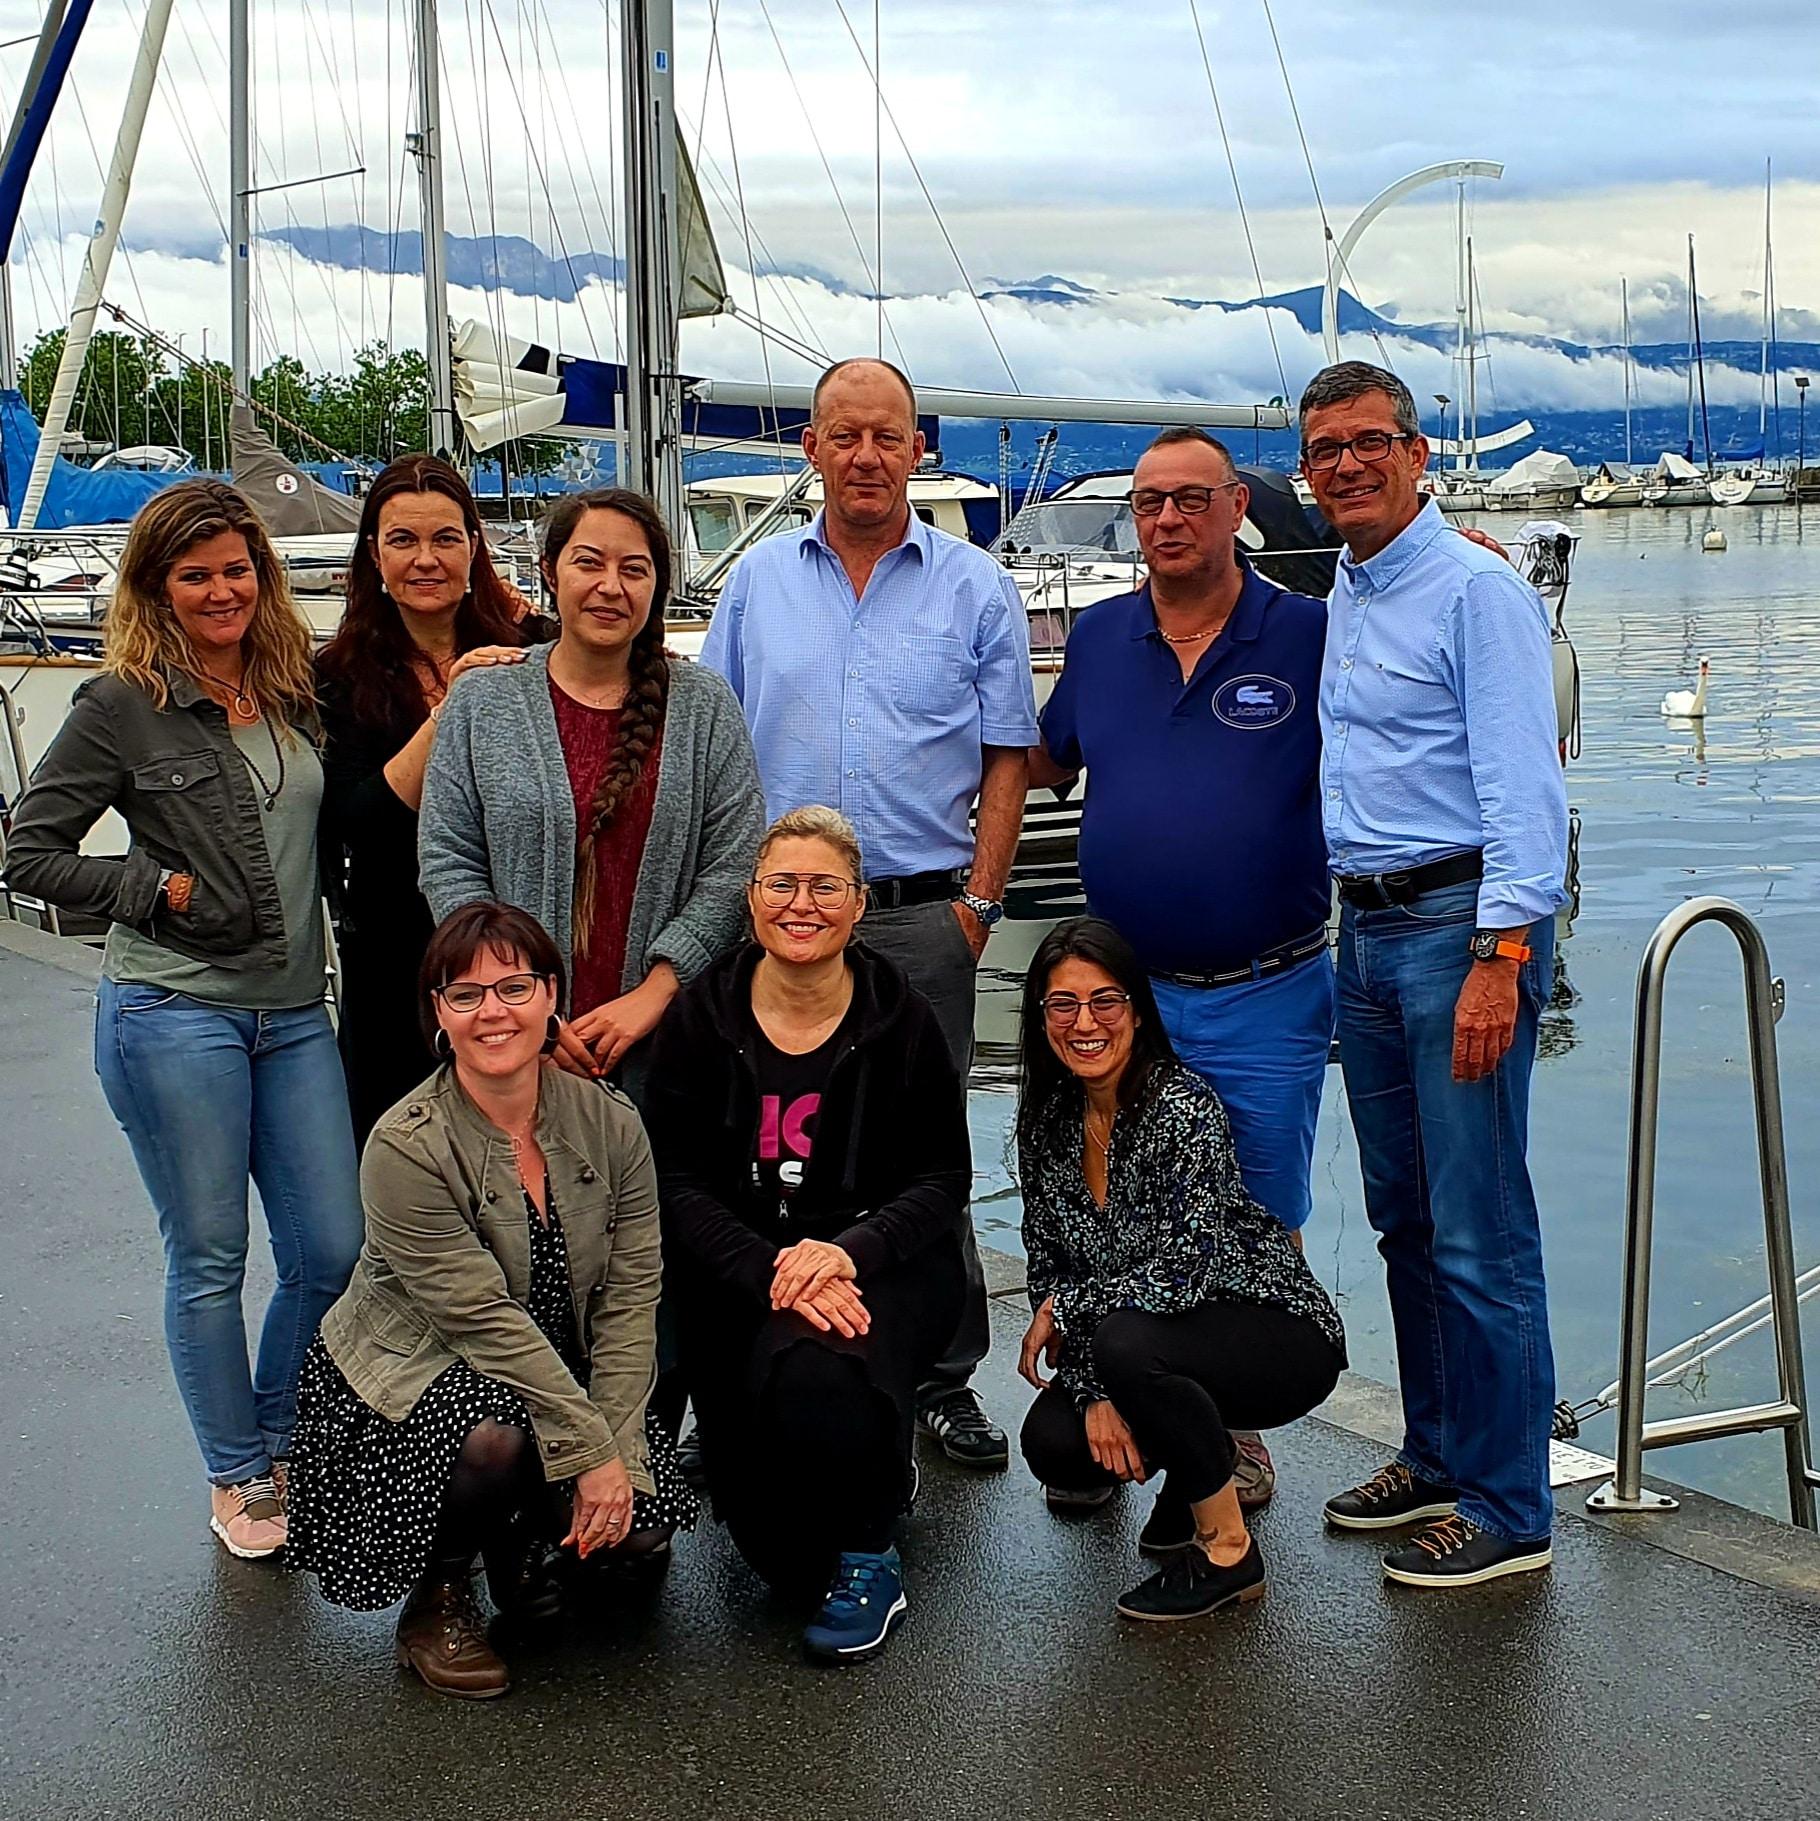 Comité SDIO 2021 - Société de Développement des Intérêts d'Ouchy, Place de la navigation à Lausanne-Ouchy